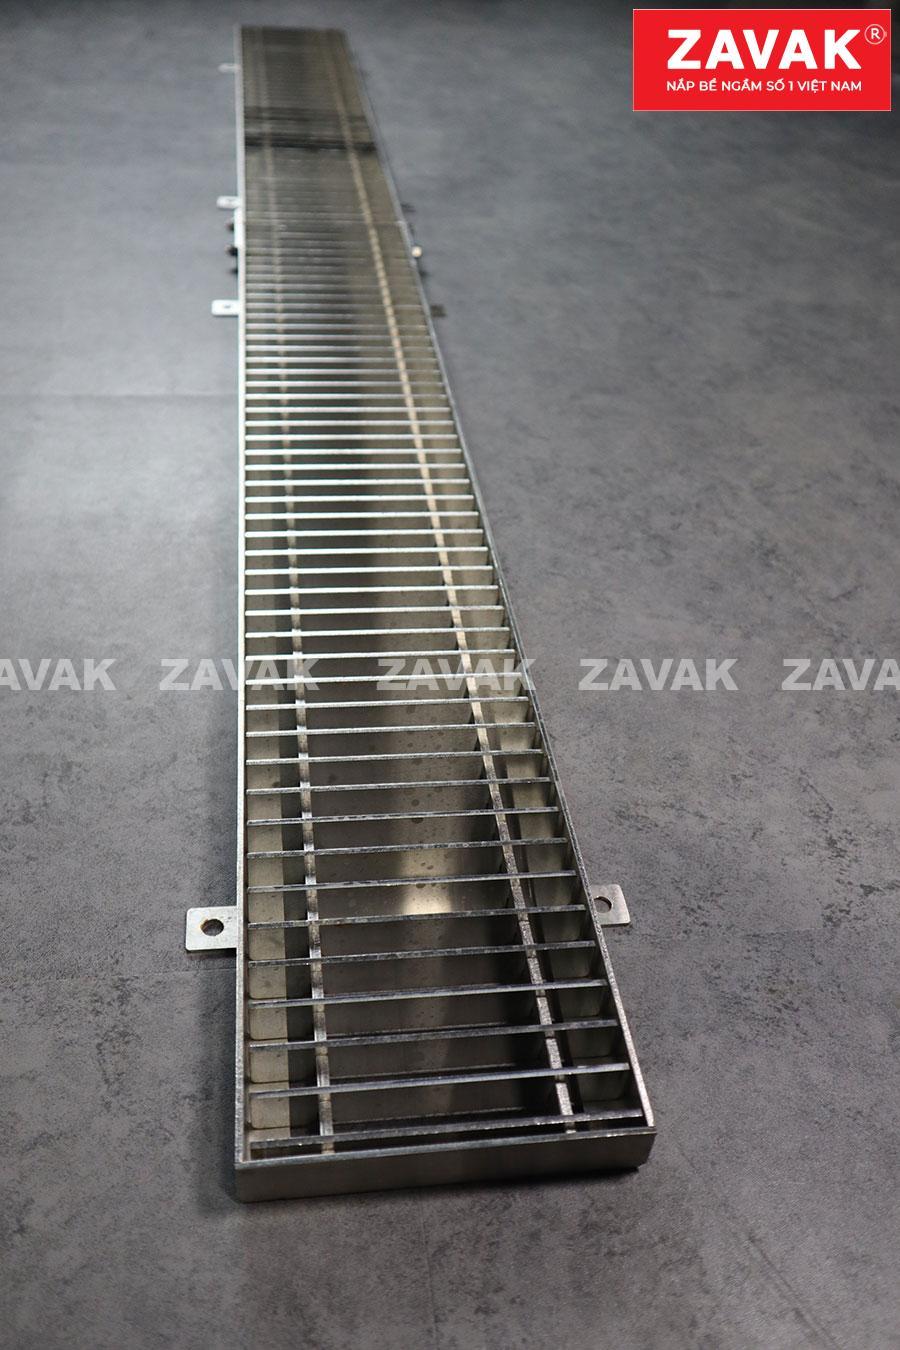 Mương Rãnh thoát nước tầng hầm, mương thu thoát nước gara inox Zavak grating